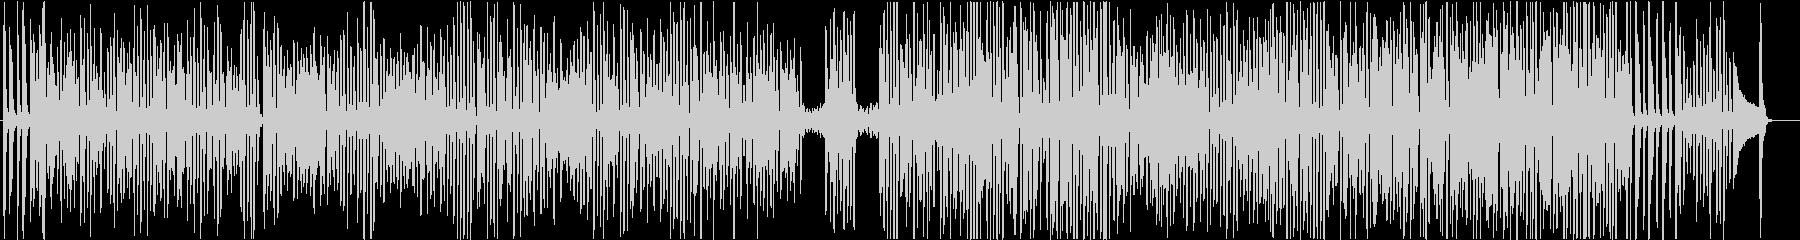 ②ワクワク楽しいピアノソロのラグタイムの未再生の波形